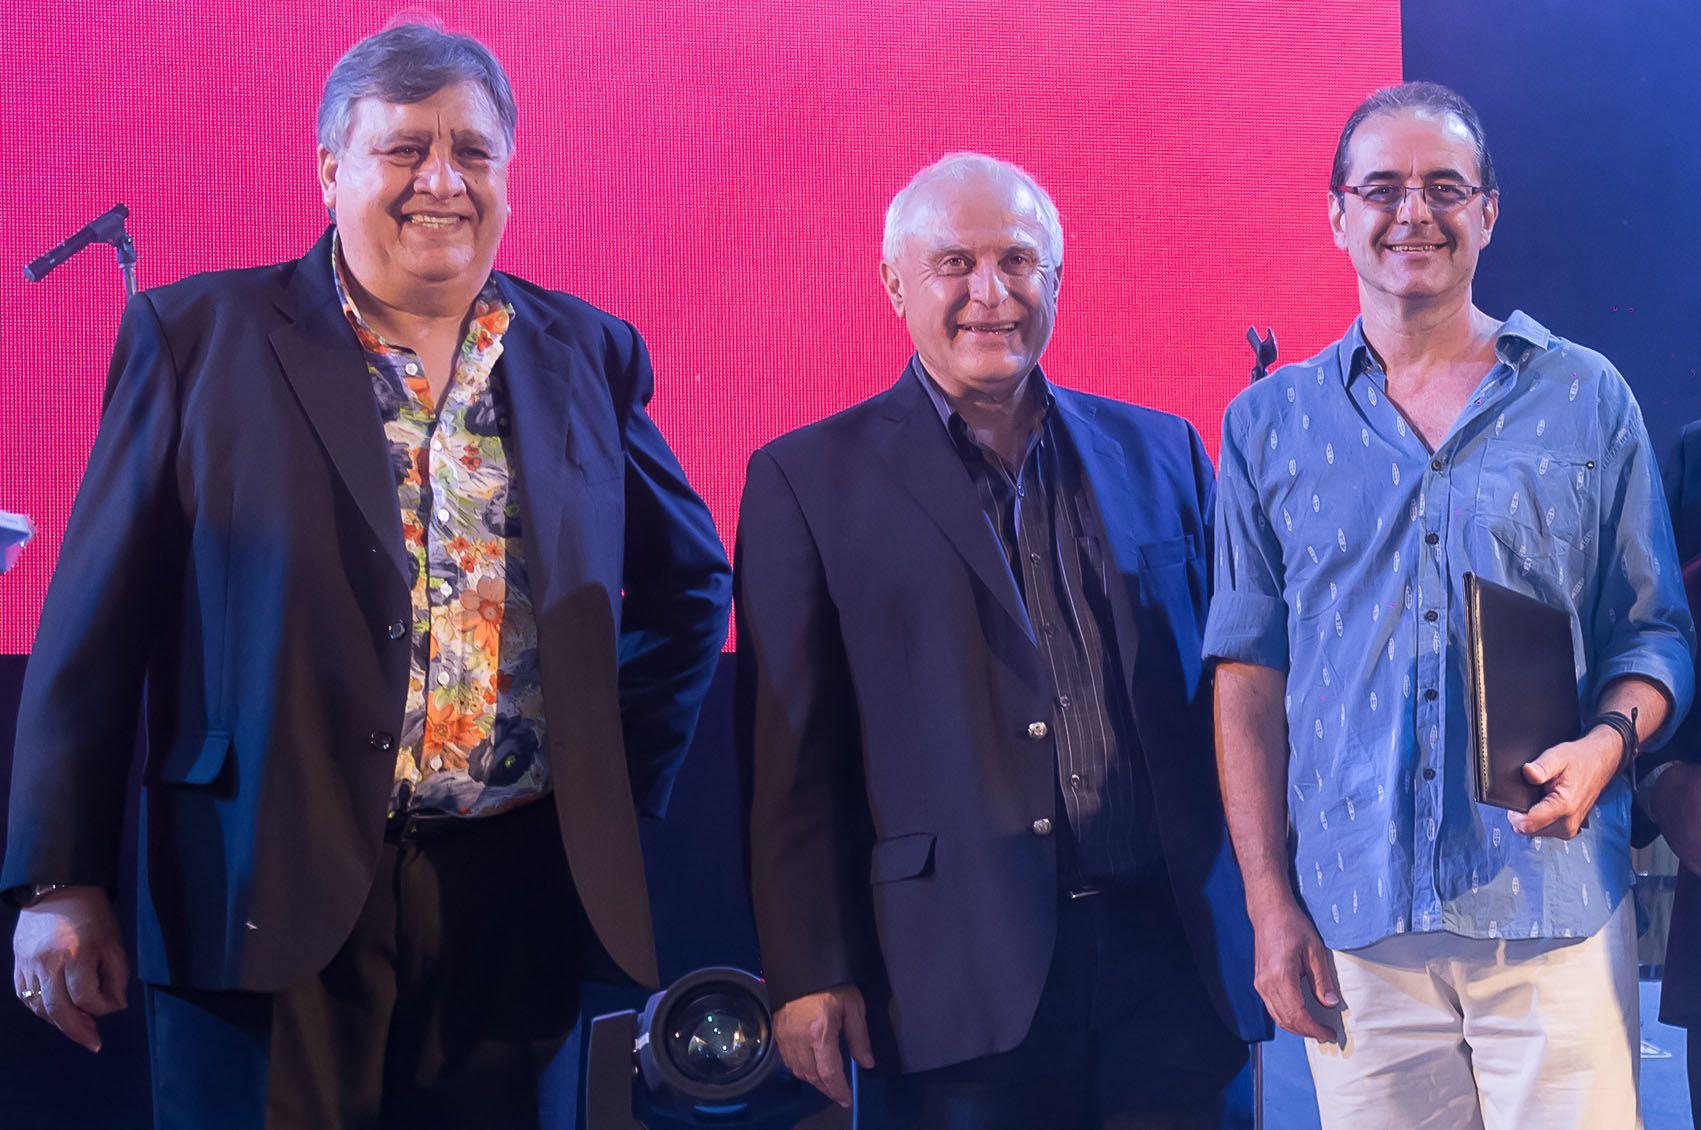 Se presenta la delegación santafesina en el festival de Cosquín